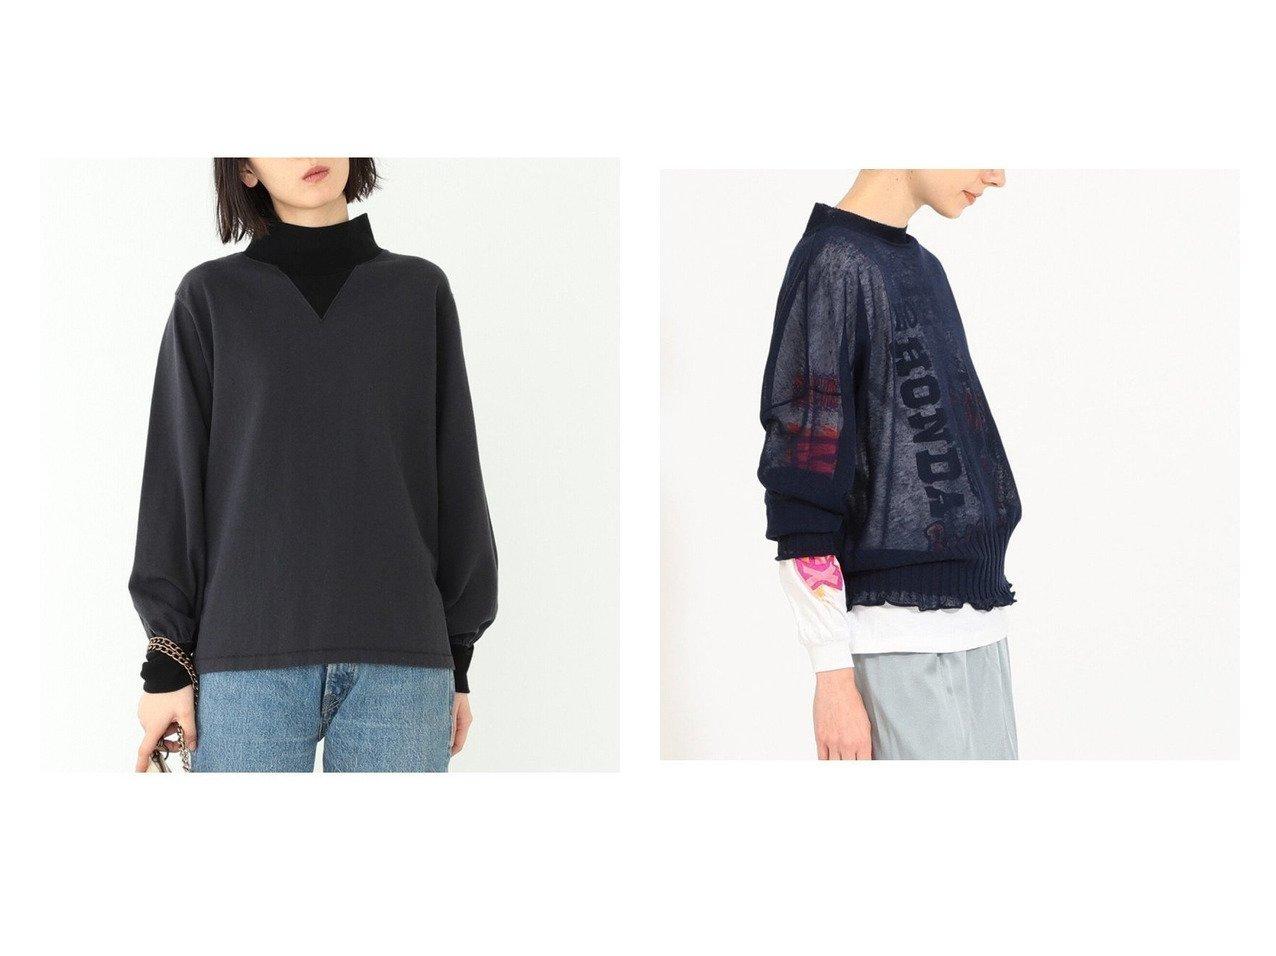 【BEAMS BOY/ビームス ボーイ】のSheer Roll Pullover Knit&ハイネック Vリブ プルオーバー トップス・カットソーのおすすめ!人気、トレンド・レディースファッションの通販  おすすめで人気の流行・トレンド、ファッションの通販商品 メンズファッション・キッズファッション・インテリア・家具・レディースファッション・服の通販 founy(ファニー) https://founy.com/ ファッション Fashion レディースファッション WOMEN トップス Tops Tshirt シャツ/ブラウス Shirts Blouses ロング / Tシャツ T-Shirts プルオーバー Pullover カットソー Cut and Sewn ニット Knit Tops NEW・新作・新着・新入荷 New Arrivals インナー カットソー ハイネック ヴィンテージ 春 Spring カットオフ シアー ベーシック 長袖  ID:crp329100000010486